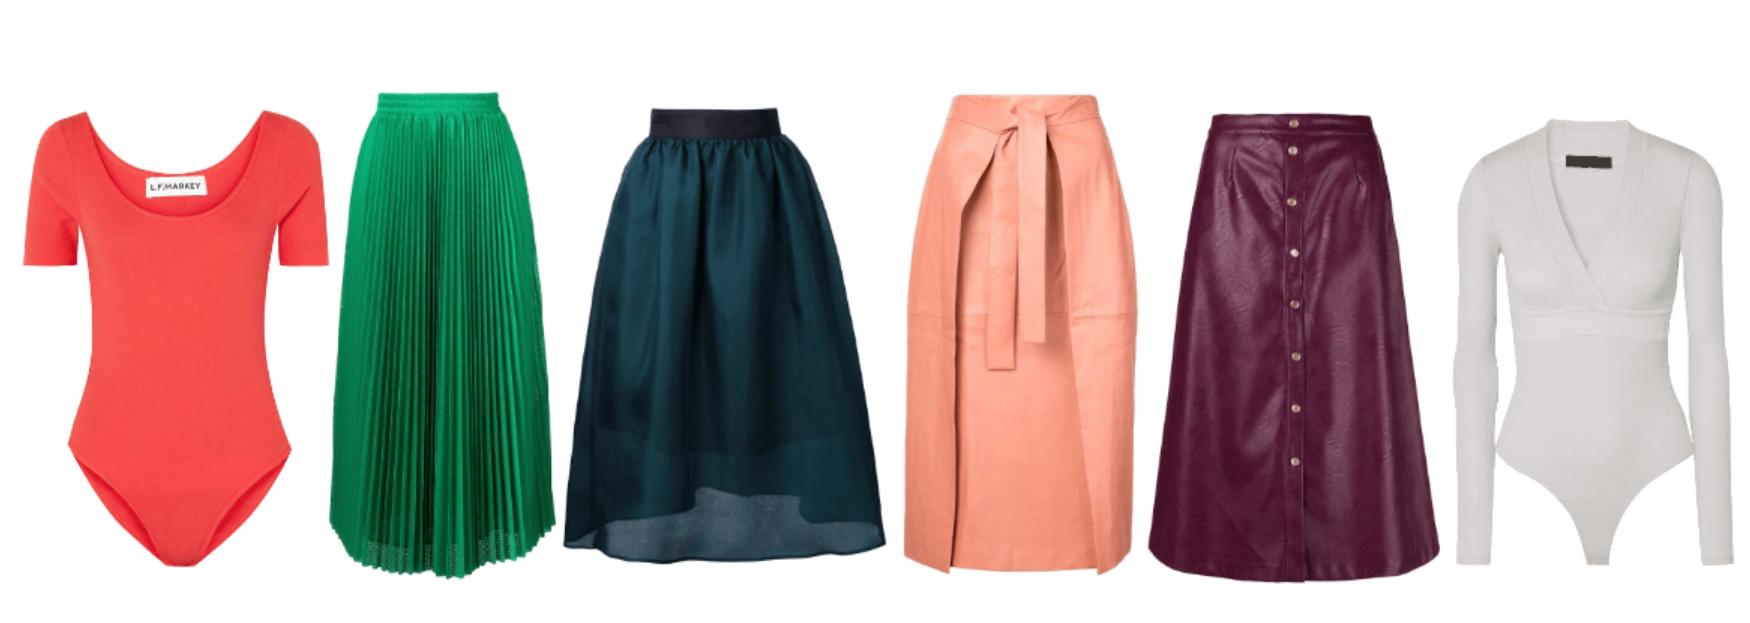 full-skirts